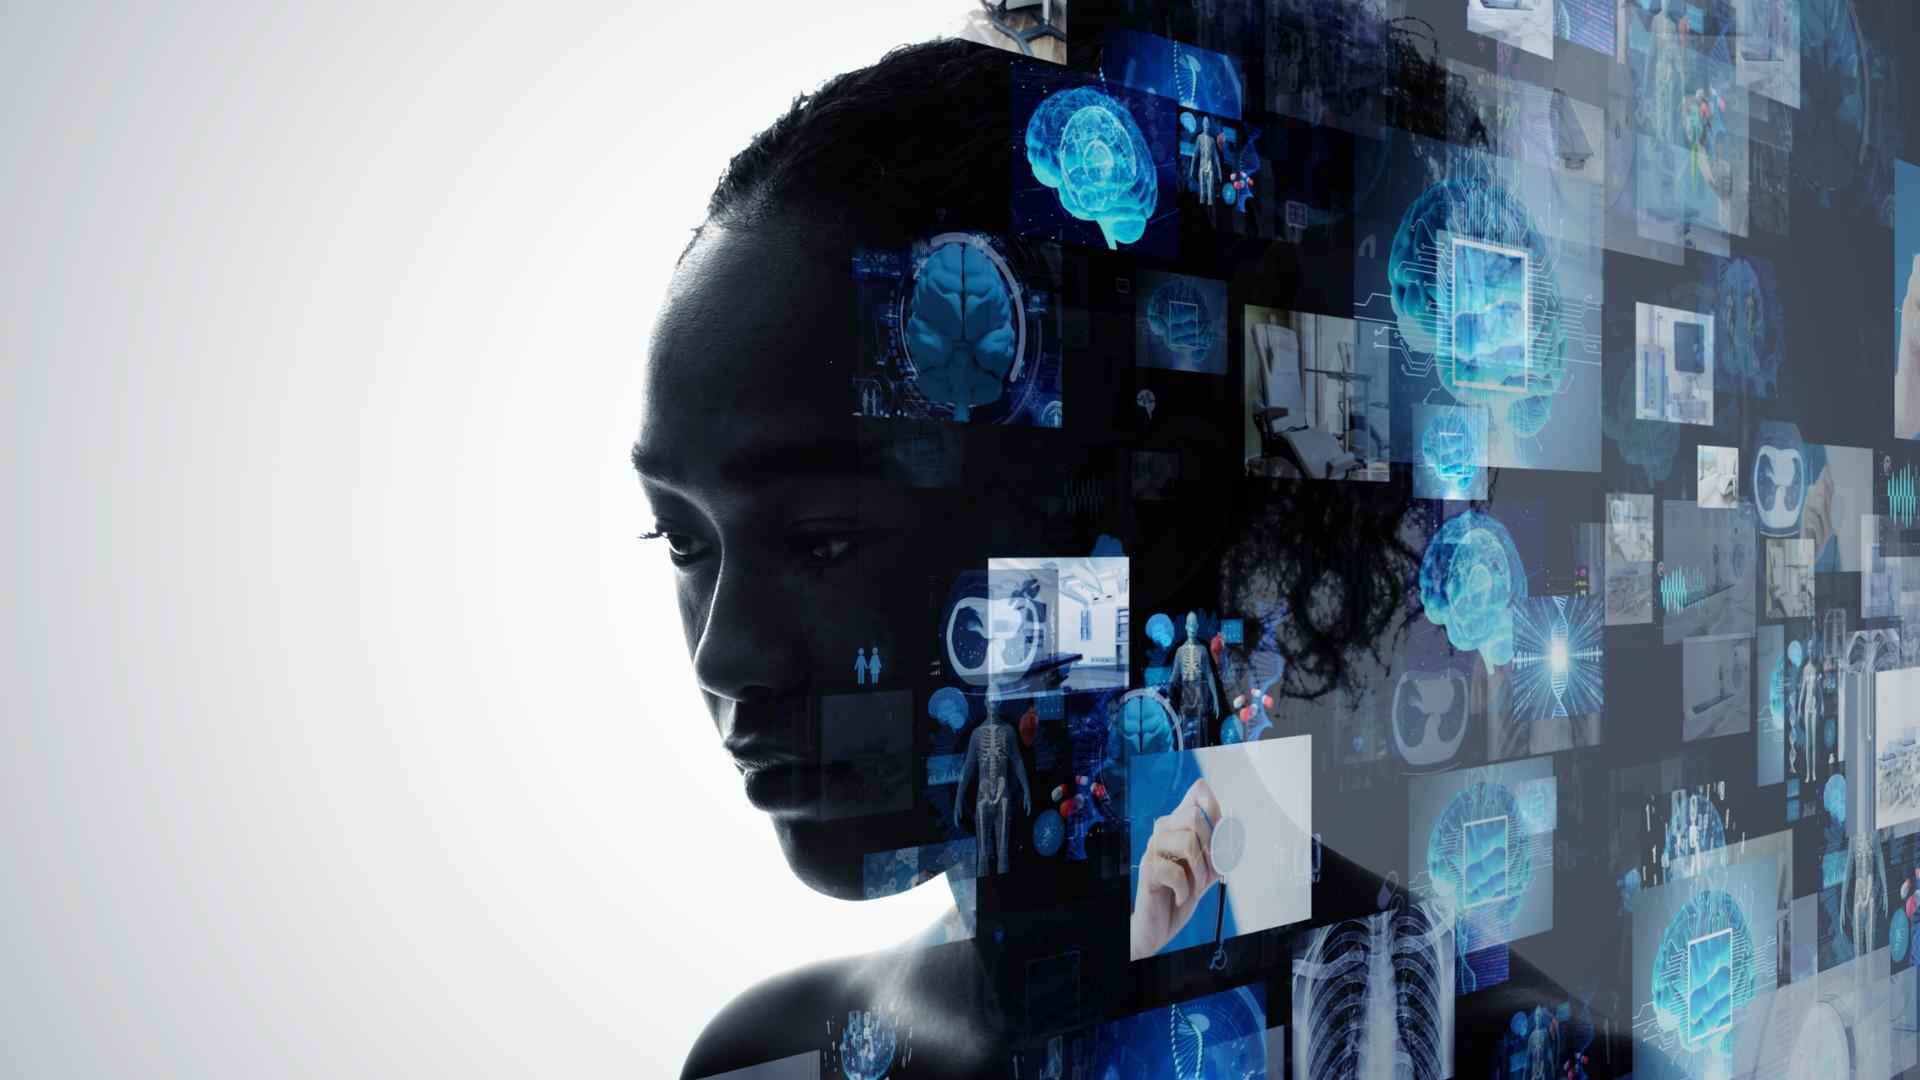 Lokitietoja käytetään pääasiassa terveydenhuollon sisäiseen valvontaan. Niiden tulisi olla eräänlainen vakuutus, että tietosuojan rikkomisesta jää kiinni.